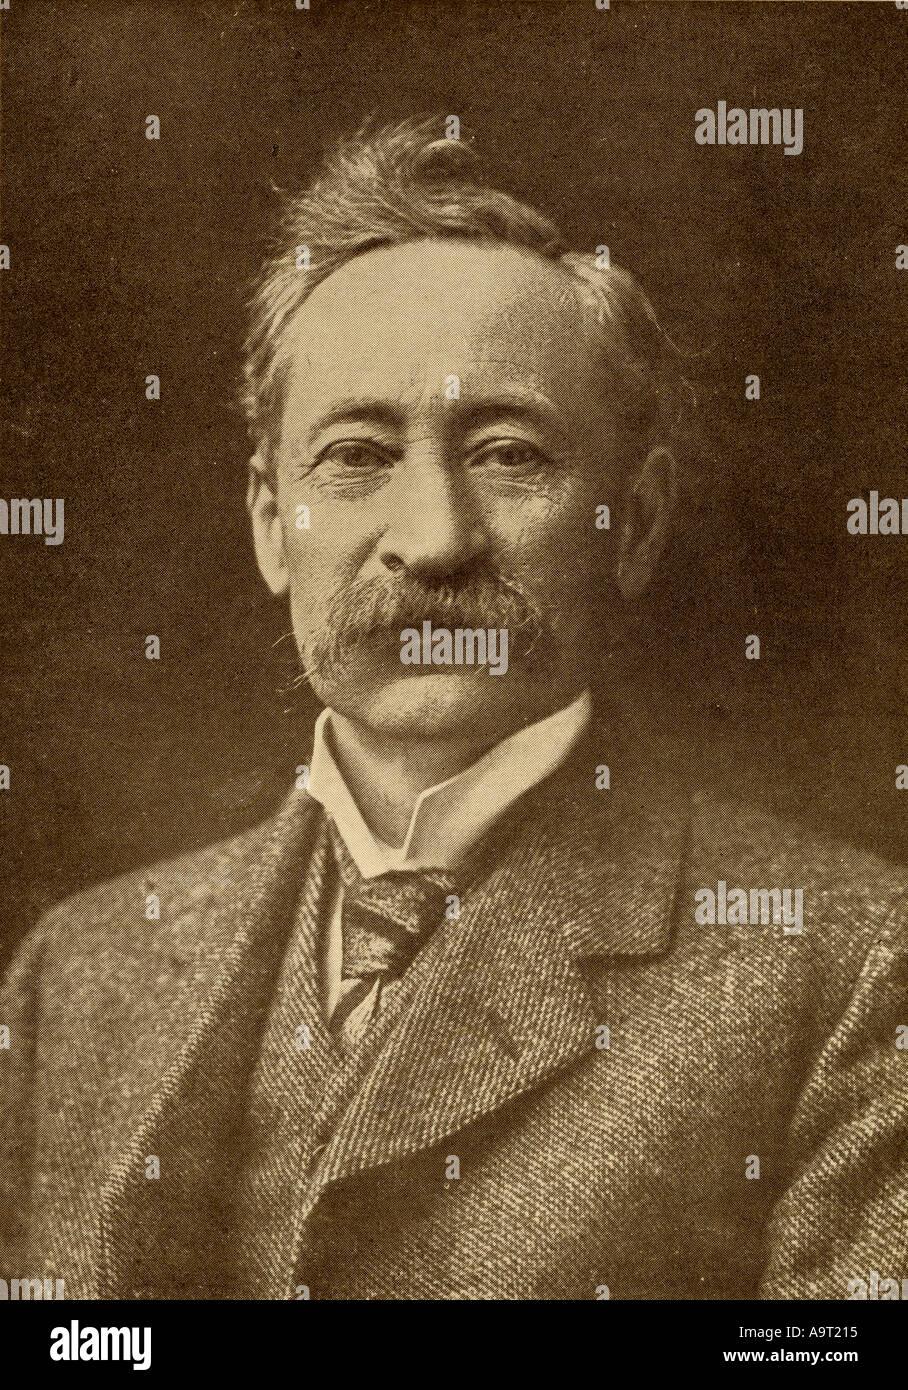 Eden Phillpotts, 1862 der 1960er. Englisch Science Fiction Schriftsteller, Dichter und Dramatiker Stockbild